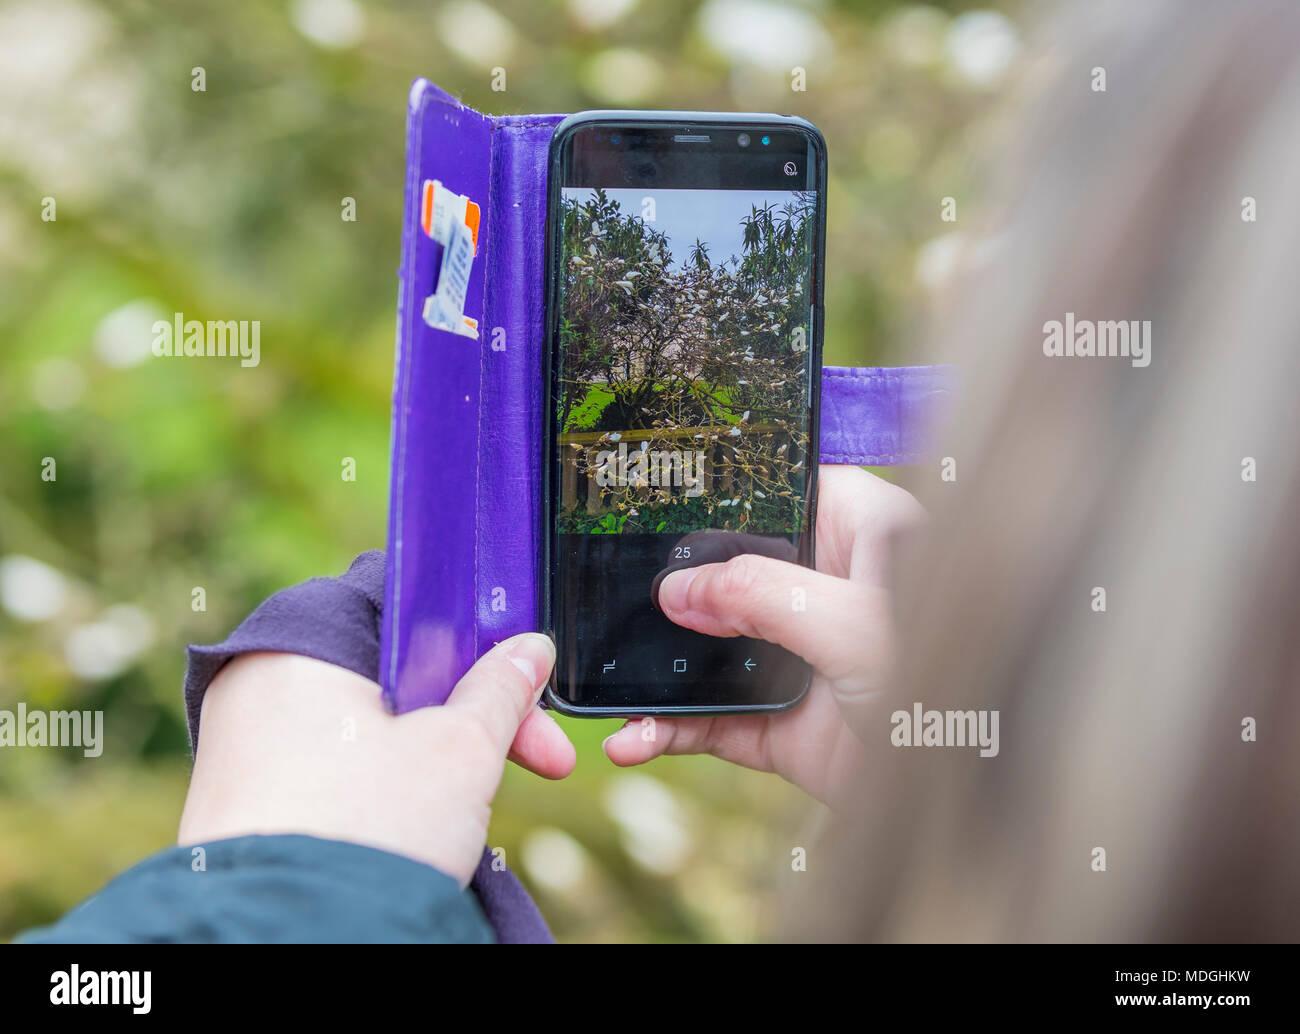 Personne de prendre des photos de fleurs et plantes sur un smartphone. Prenez des photos avec un téléphone mobile. Photo Stock